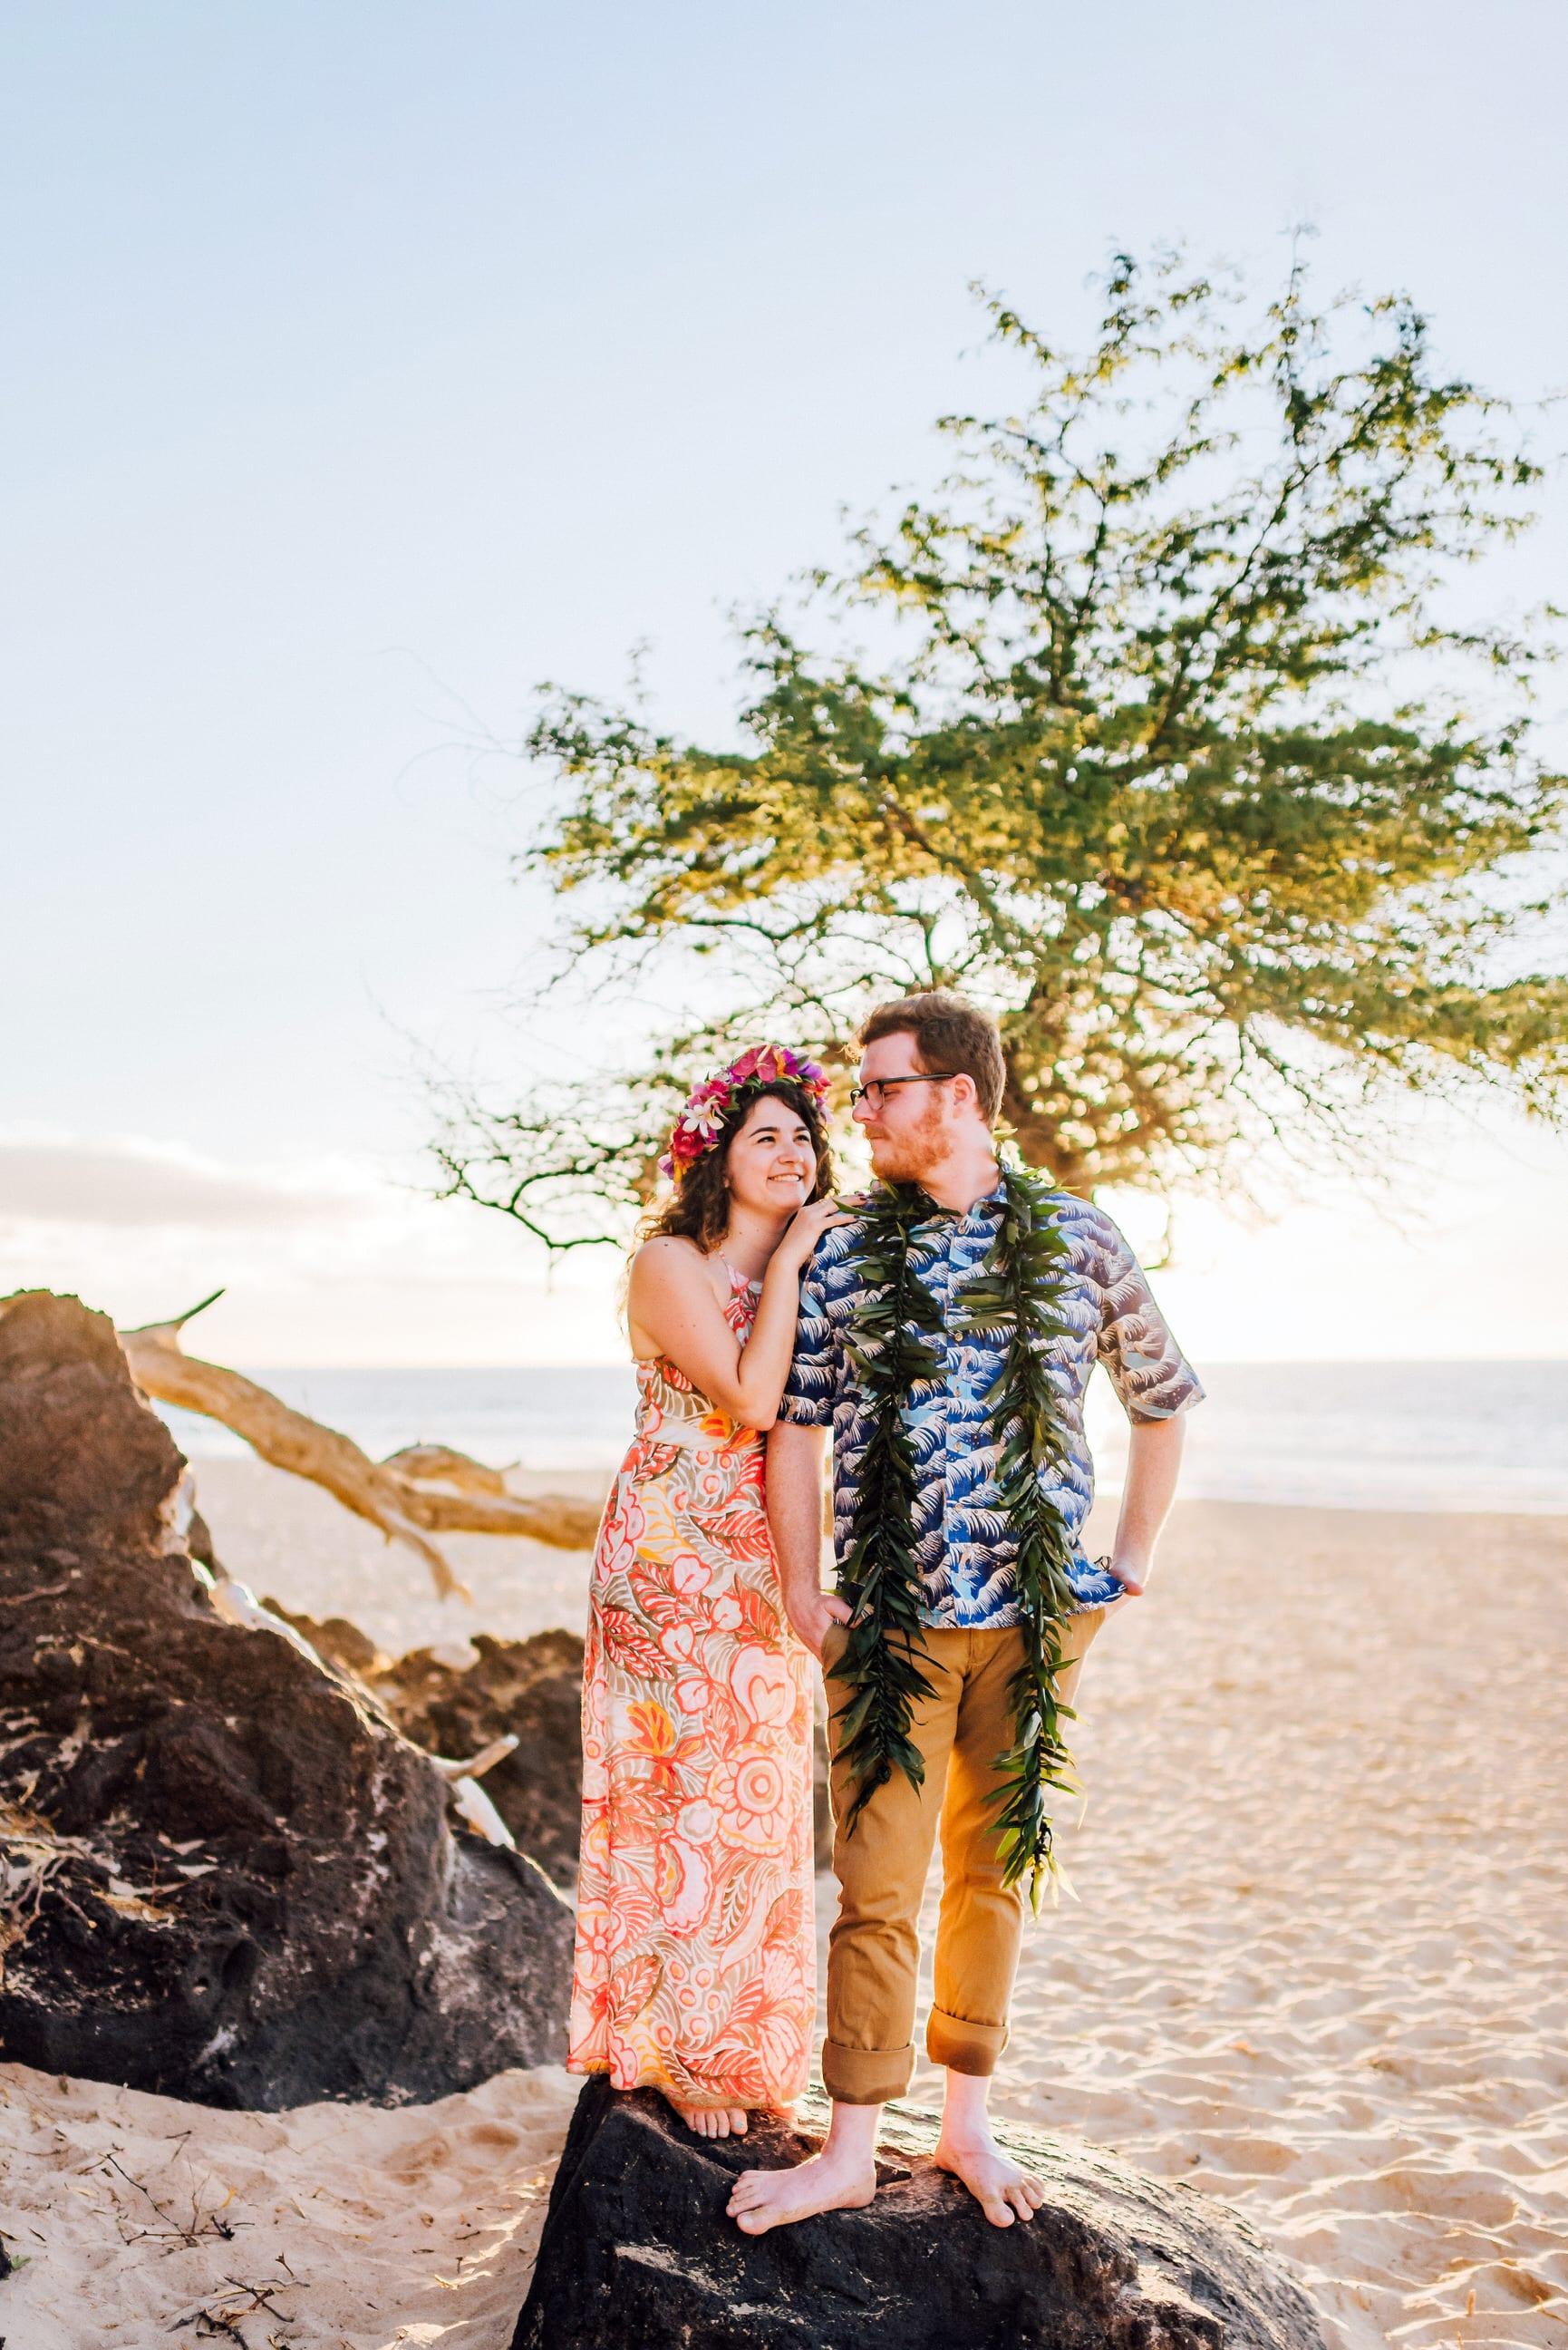 Kona-Honeymoon-Vacation-Photographer-Hawaii-8.jpg